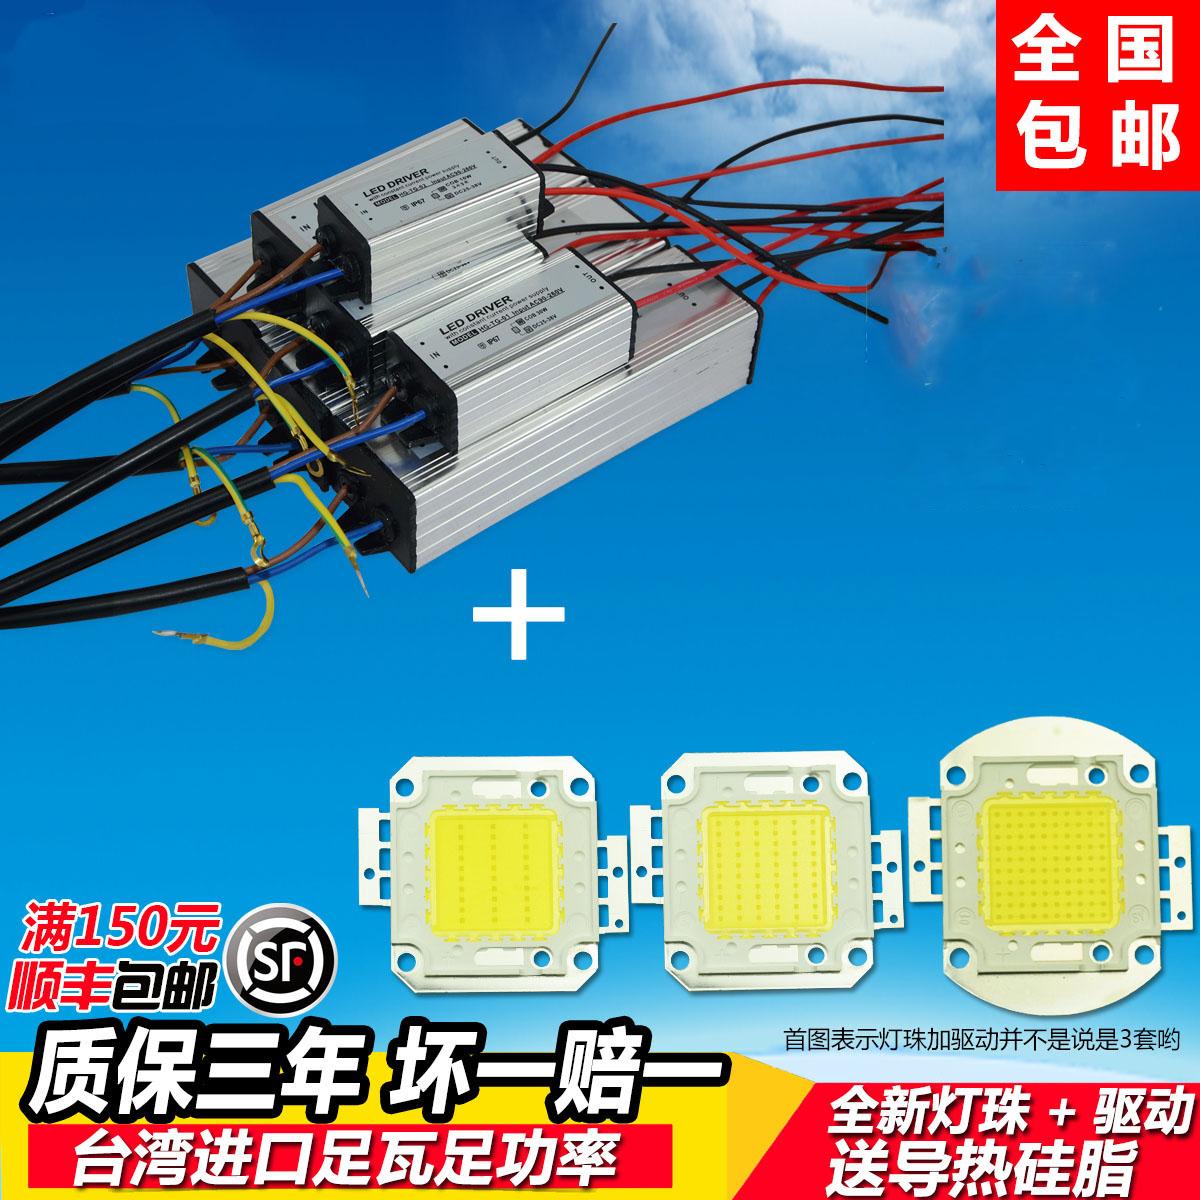 LED新款驱动集成灯珠镇流器宽压电源20W30W50W户外投光灯芯片光源